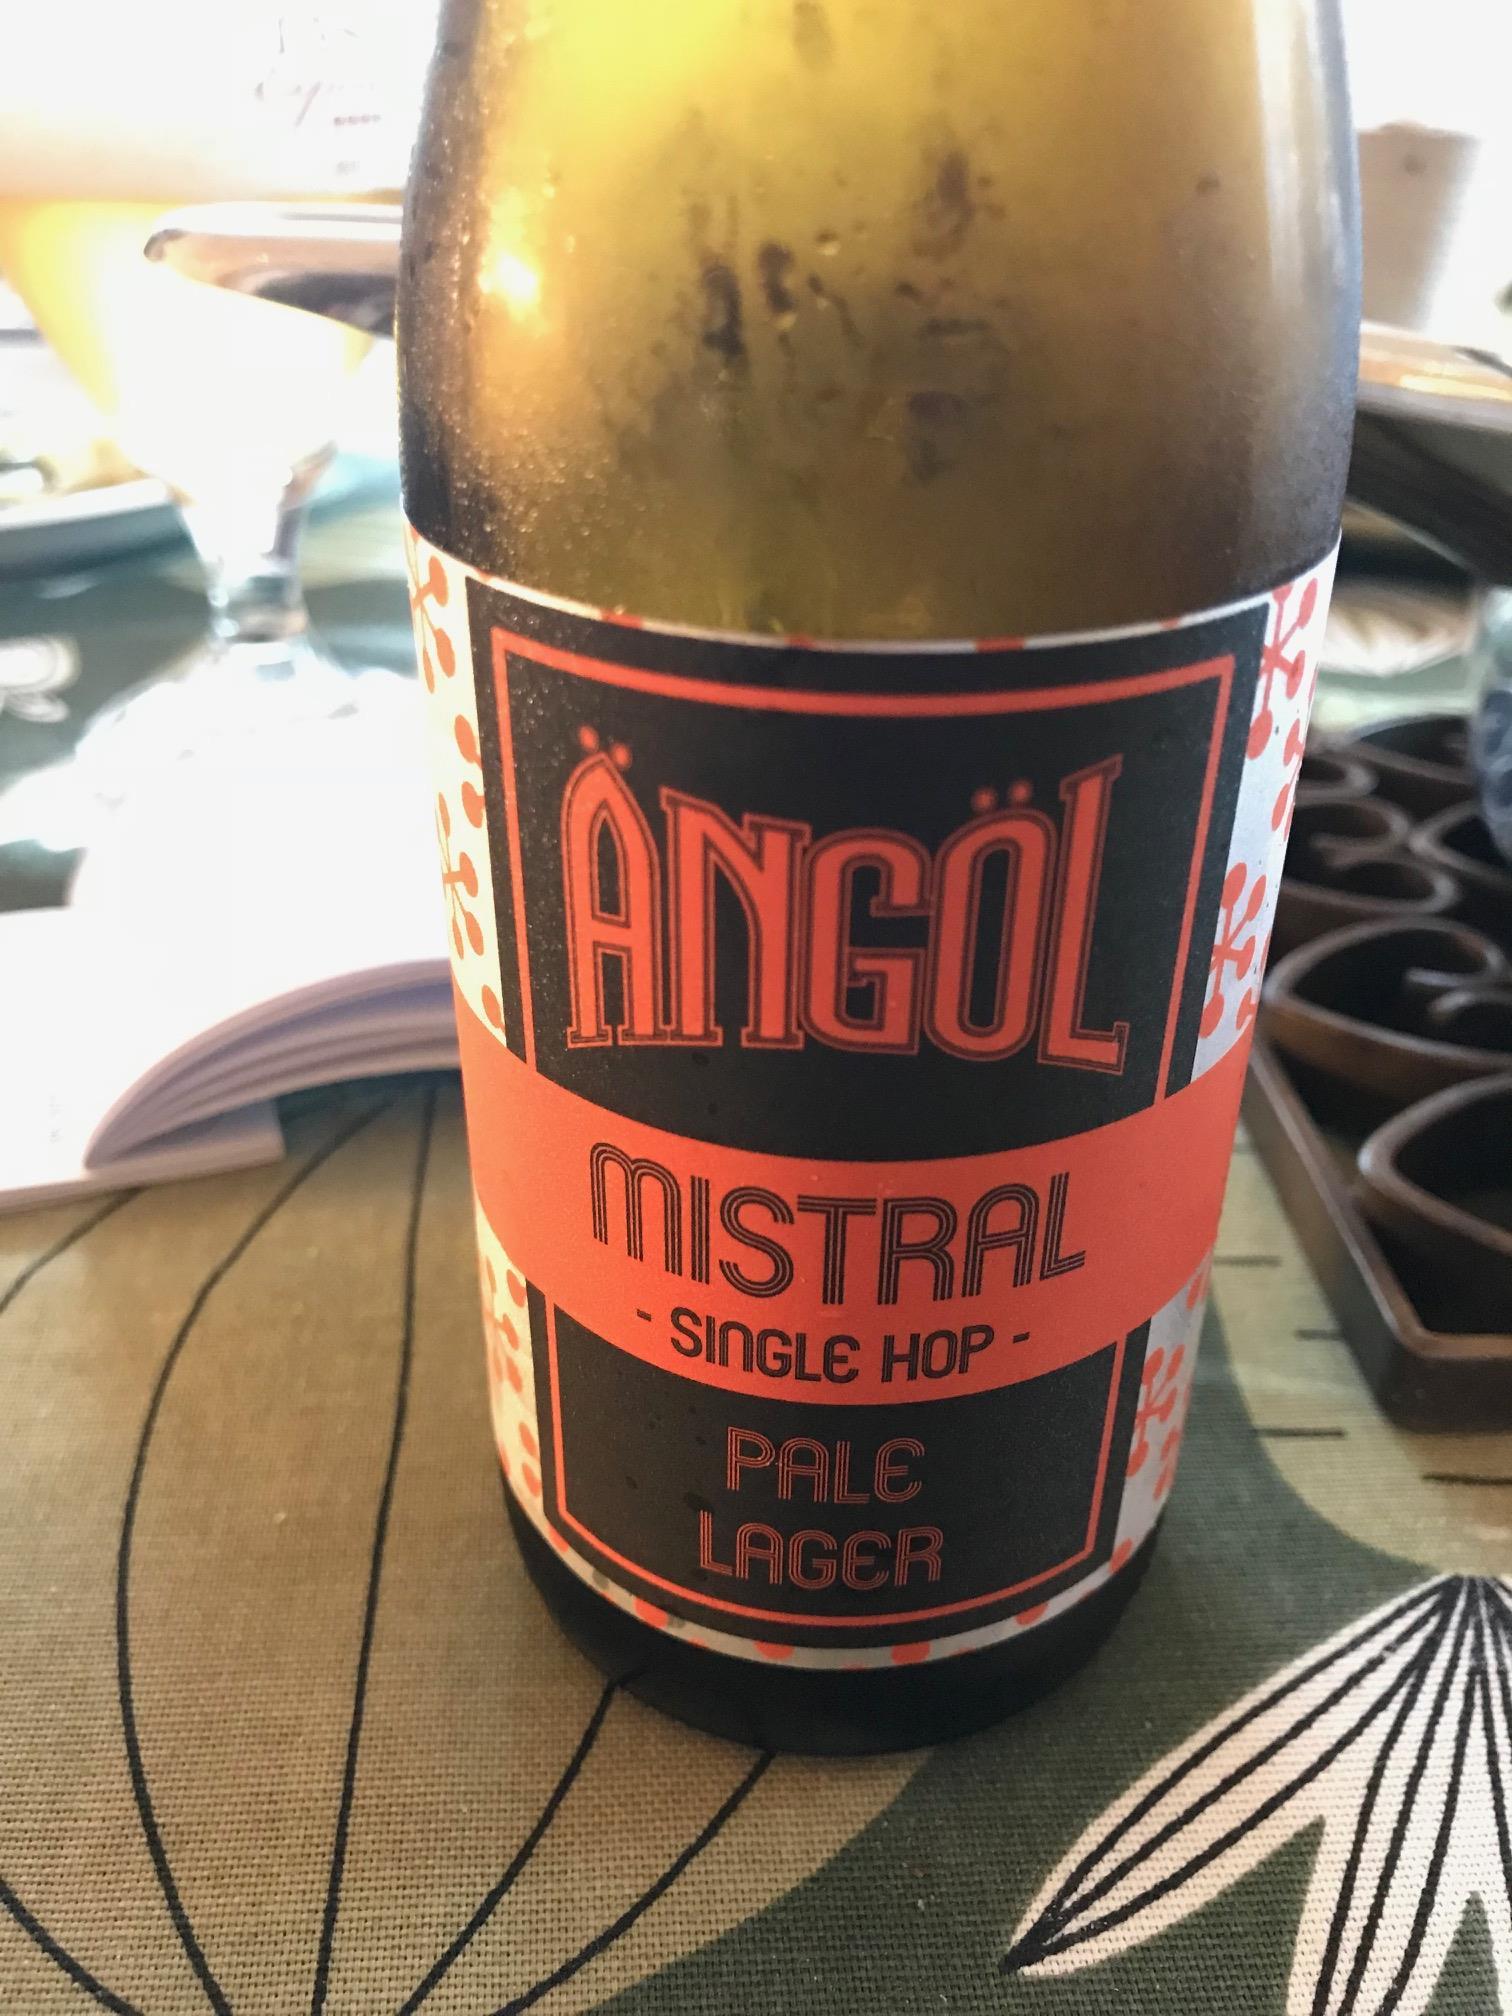 Mistral Single Hop från Ängöl. Foto: Joel Linderoth.